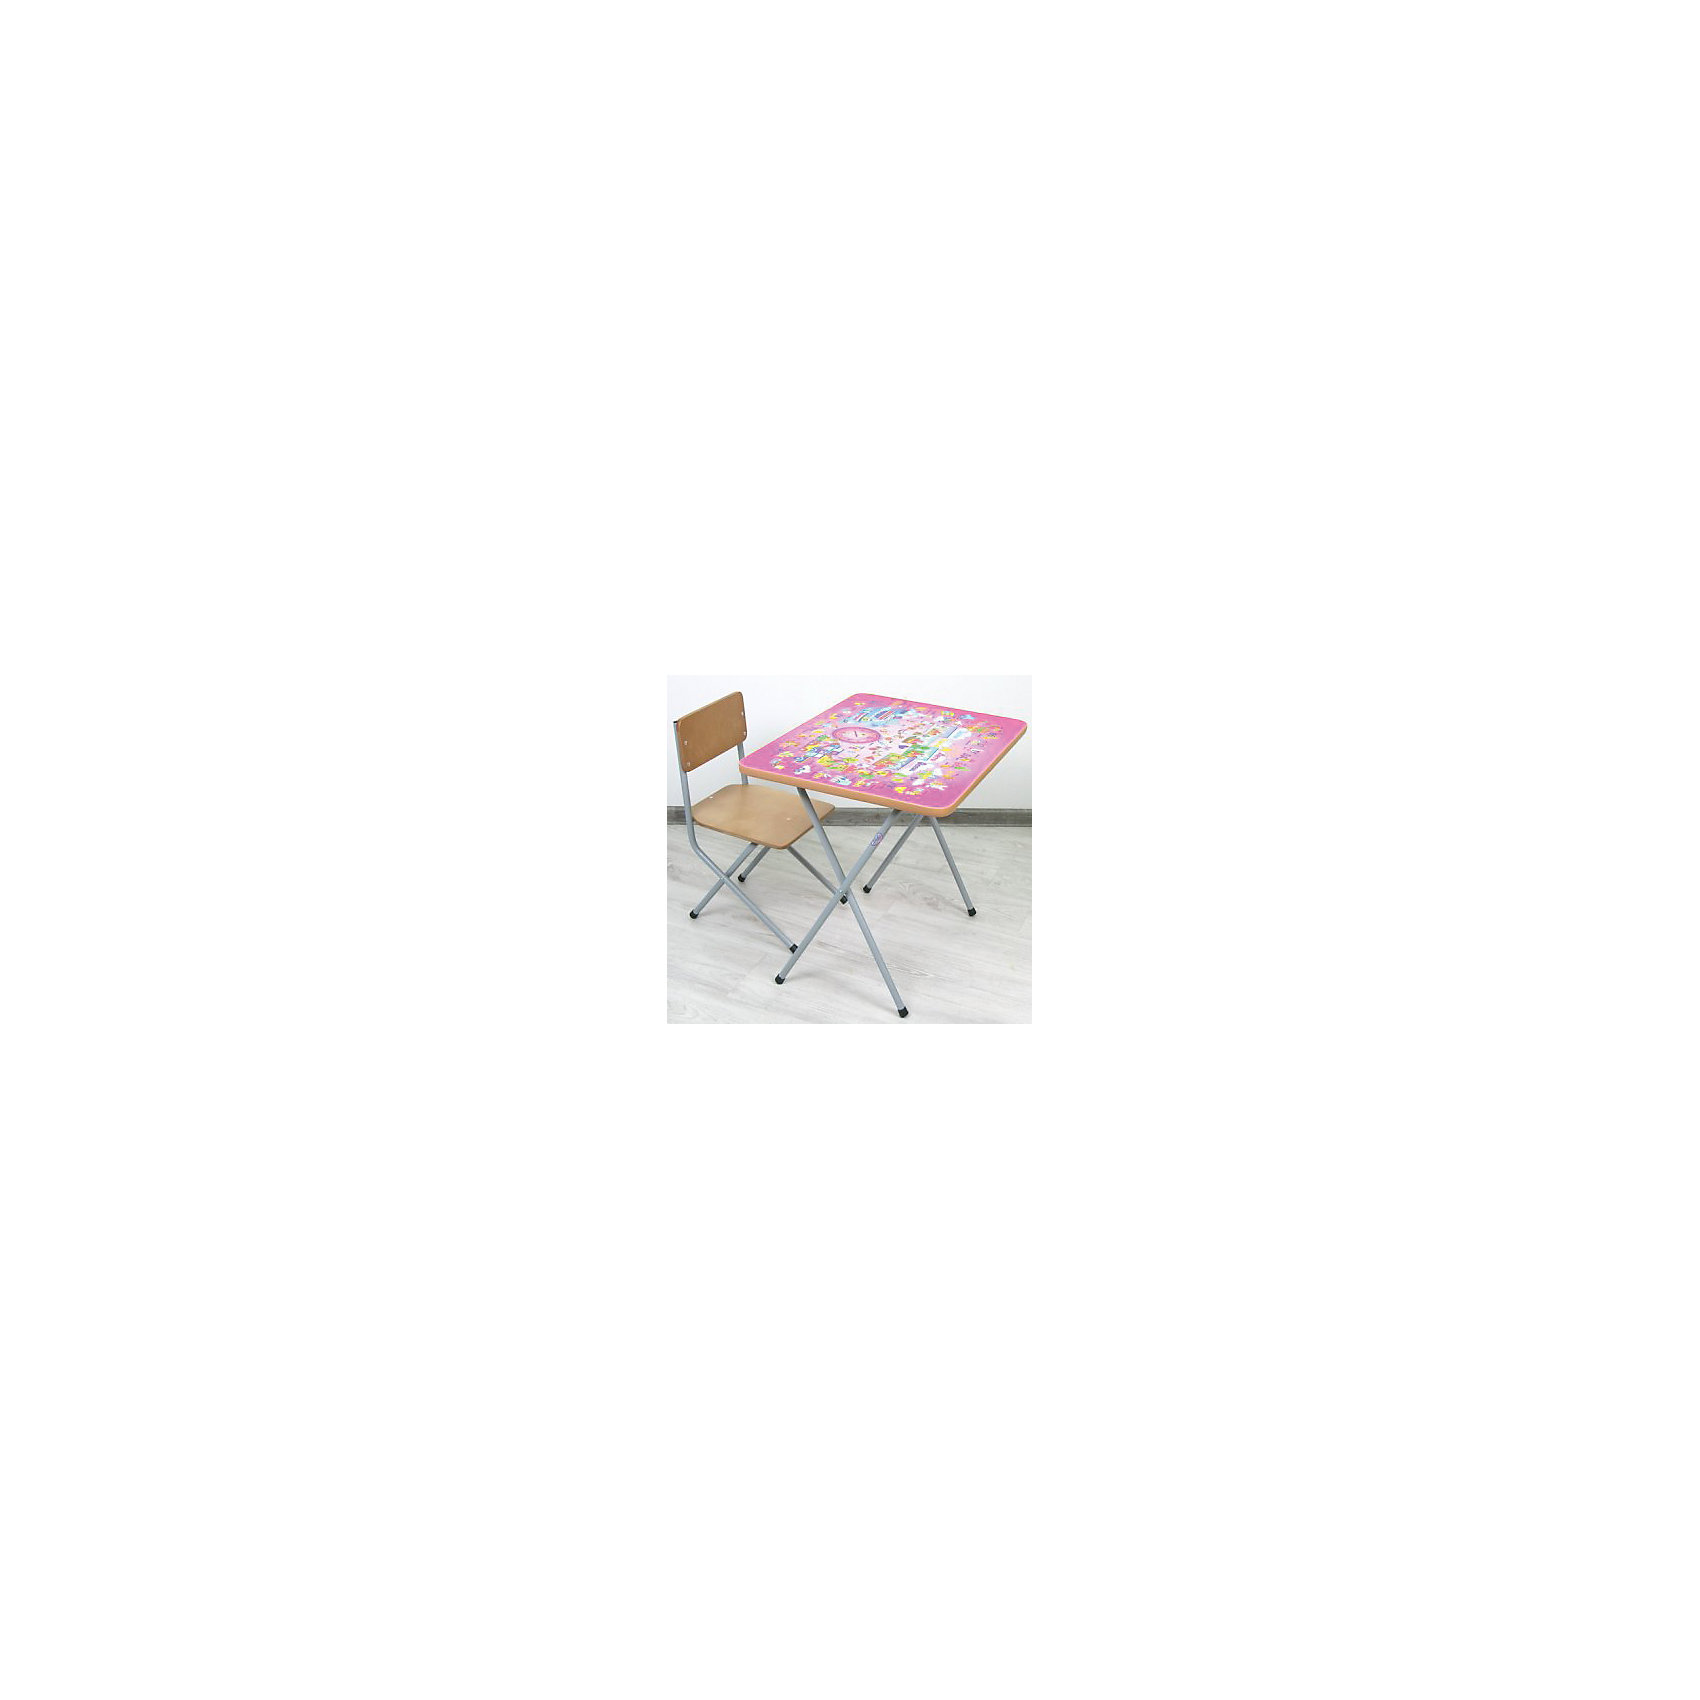 ФЕЯ Комплект детской мебели Алфавит, Фея,  розовый фея комплект детской мебели алфавит фея сиреневый